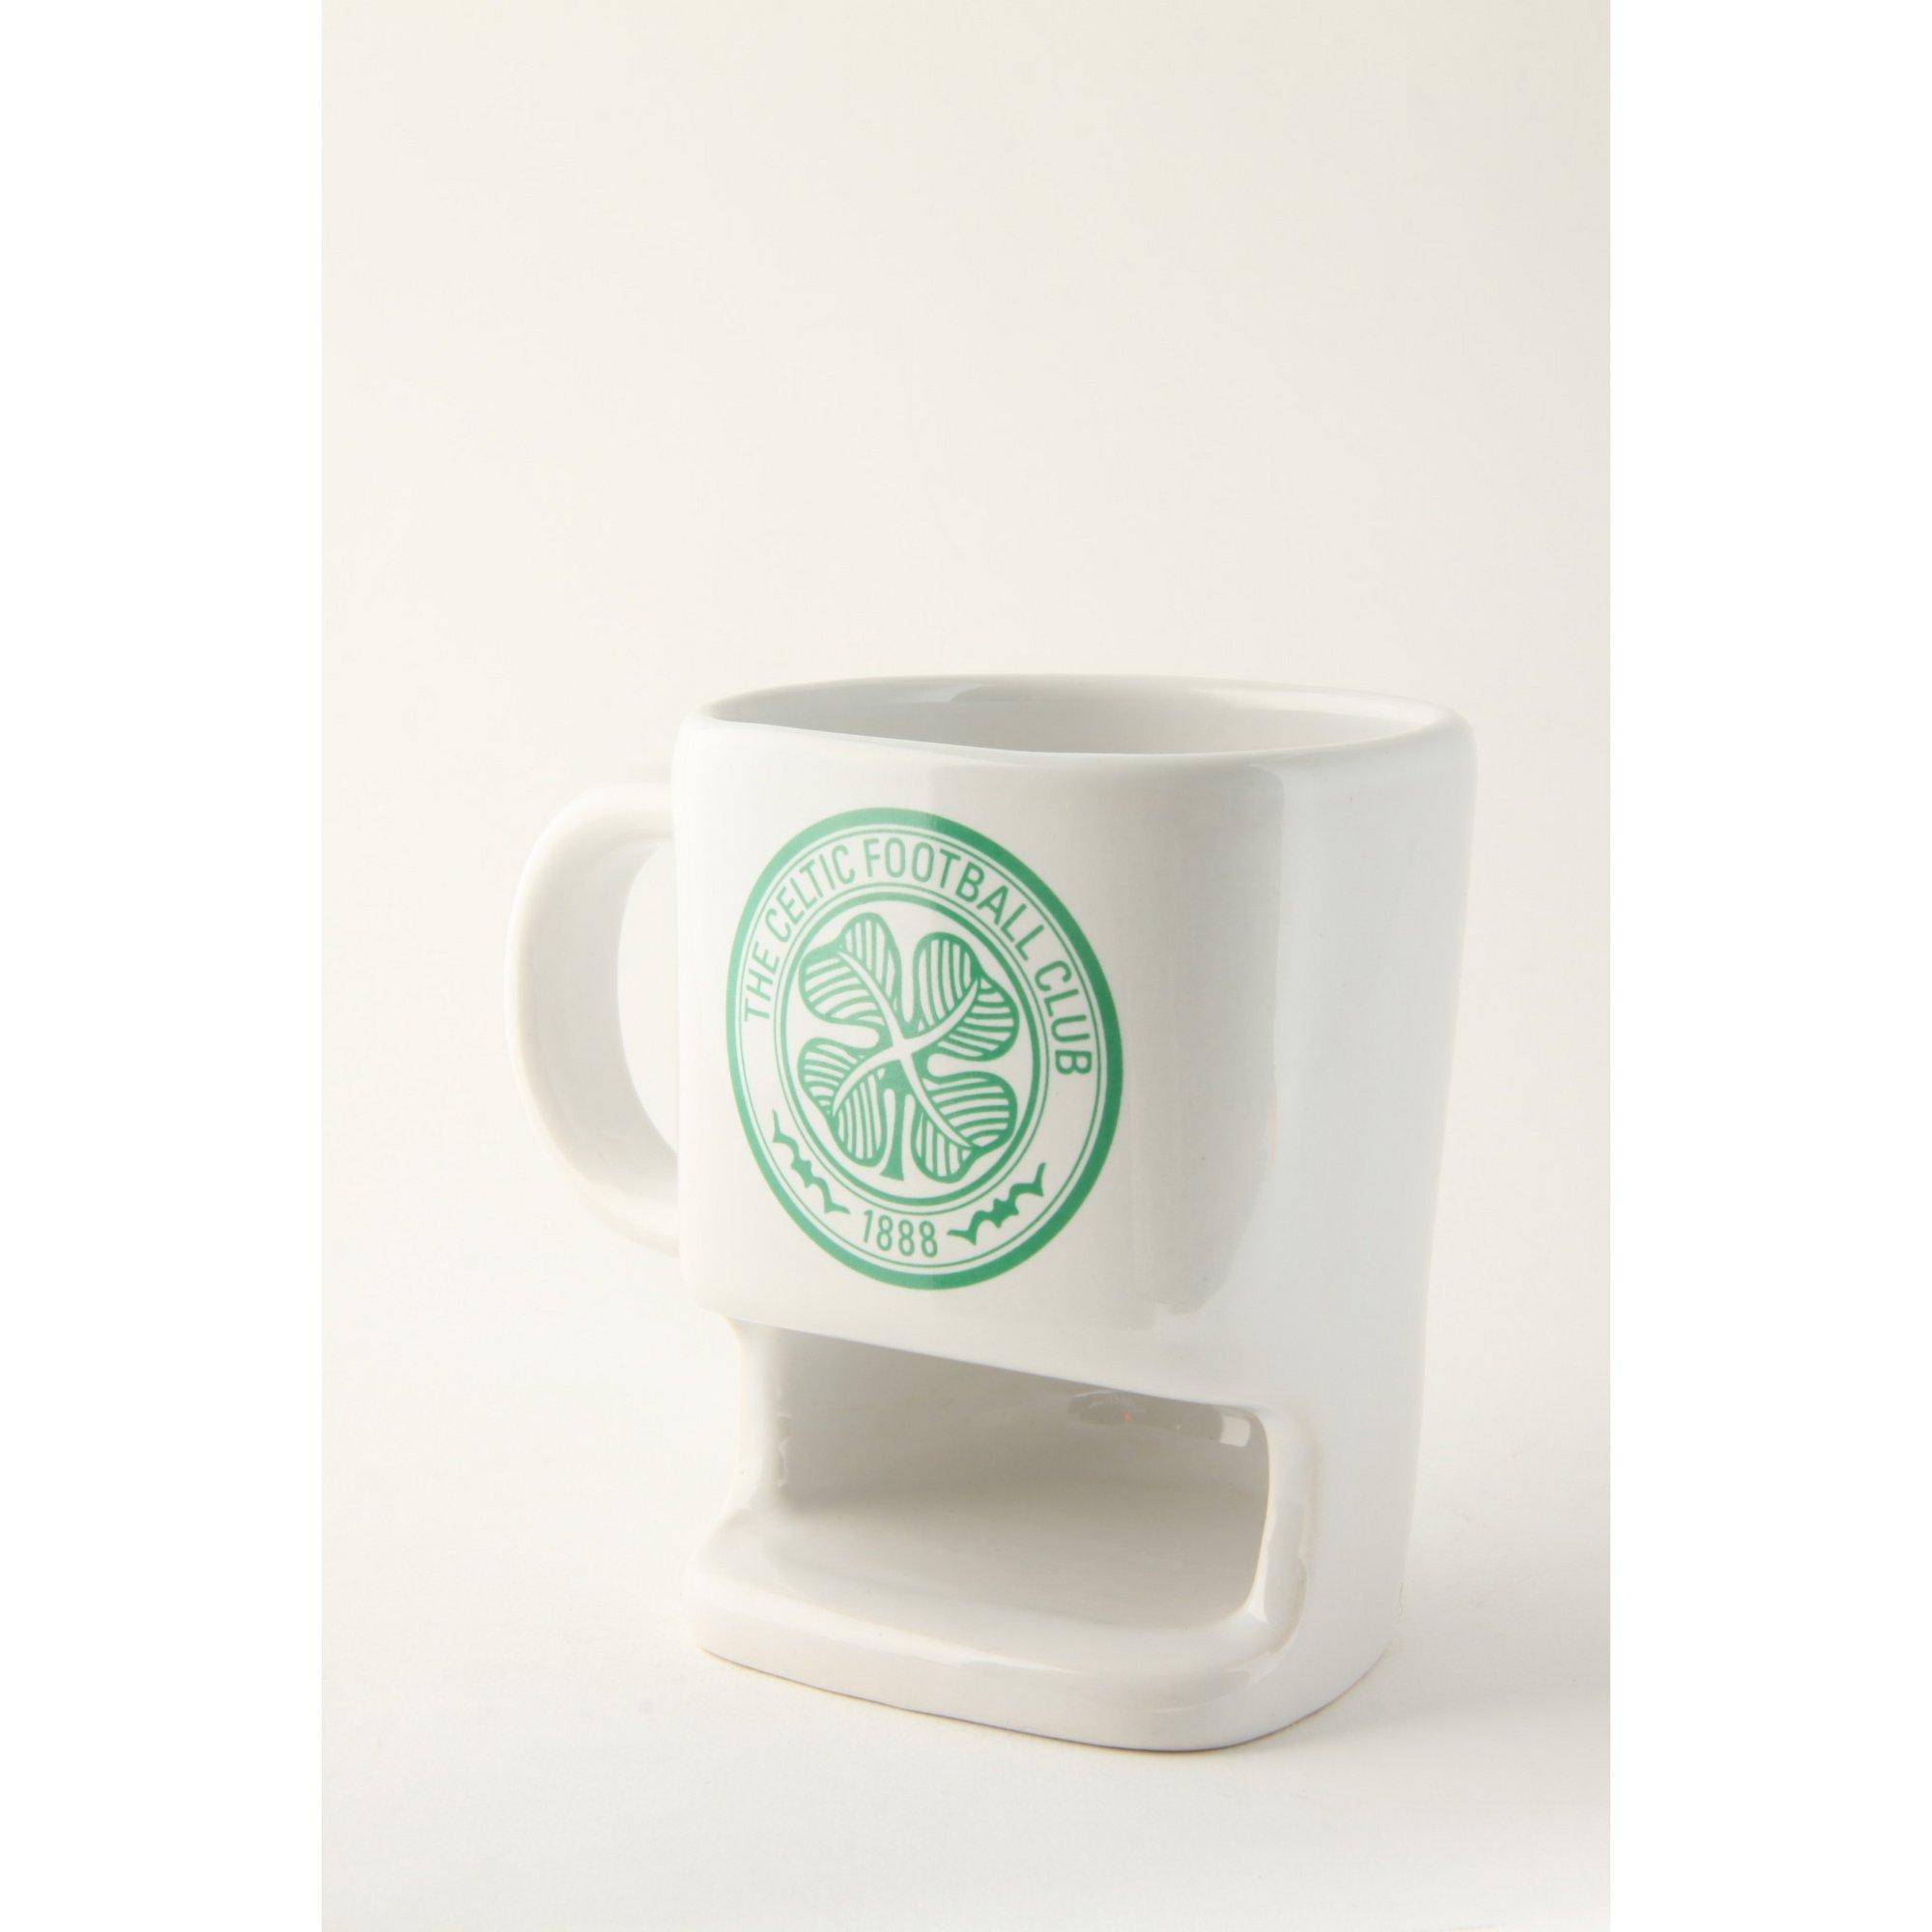 Image of Celtic Biscuit Logo Mug